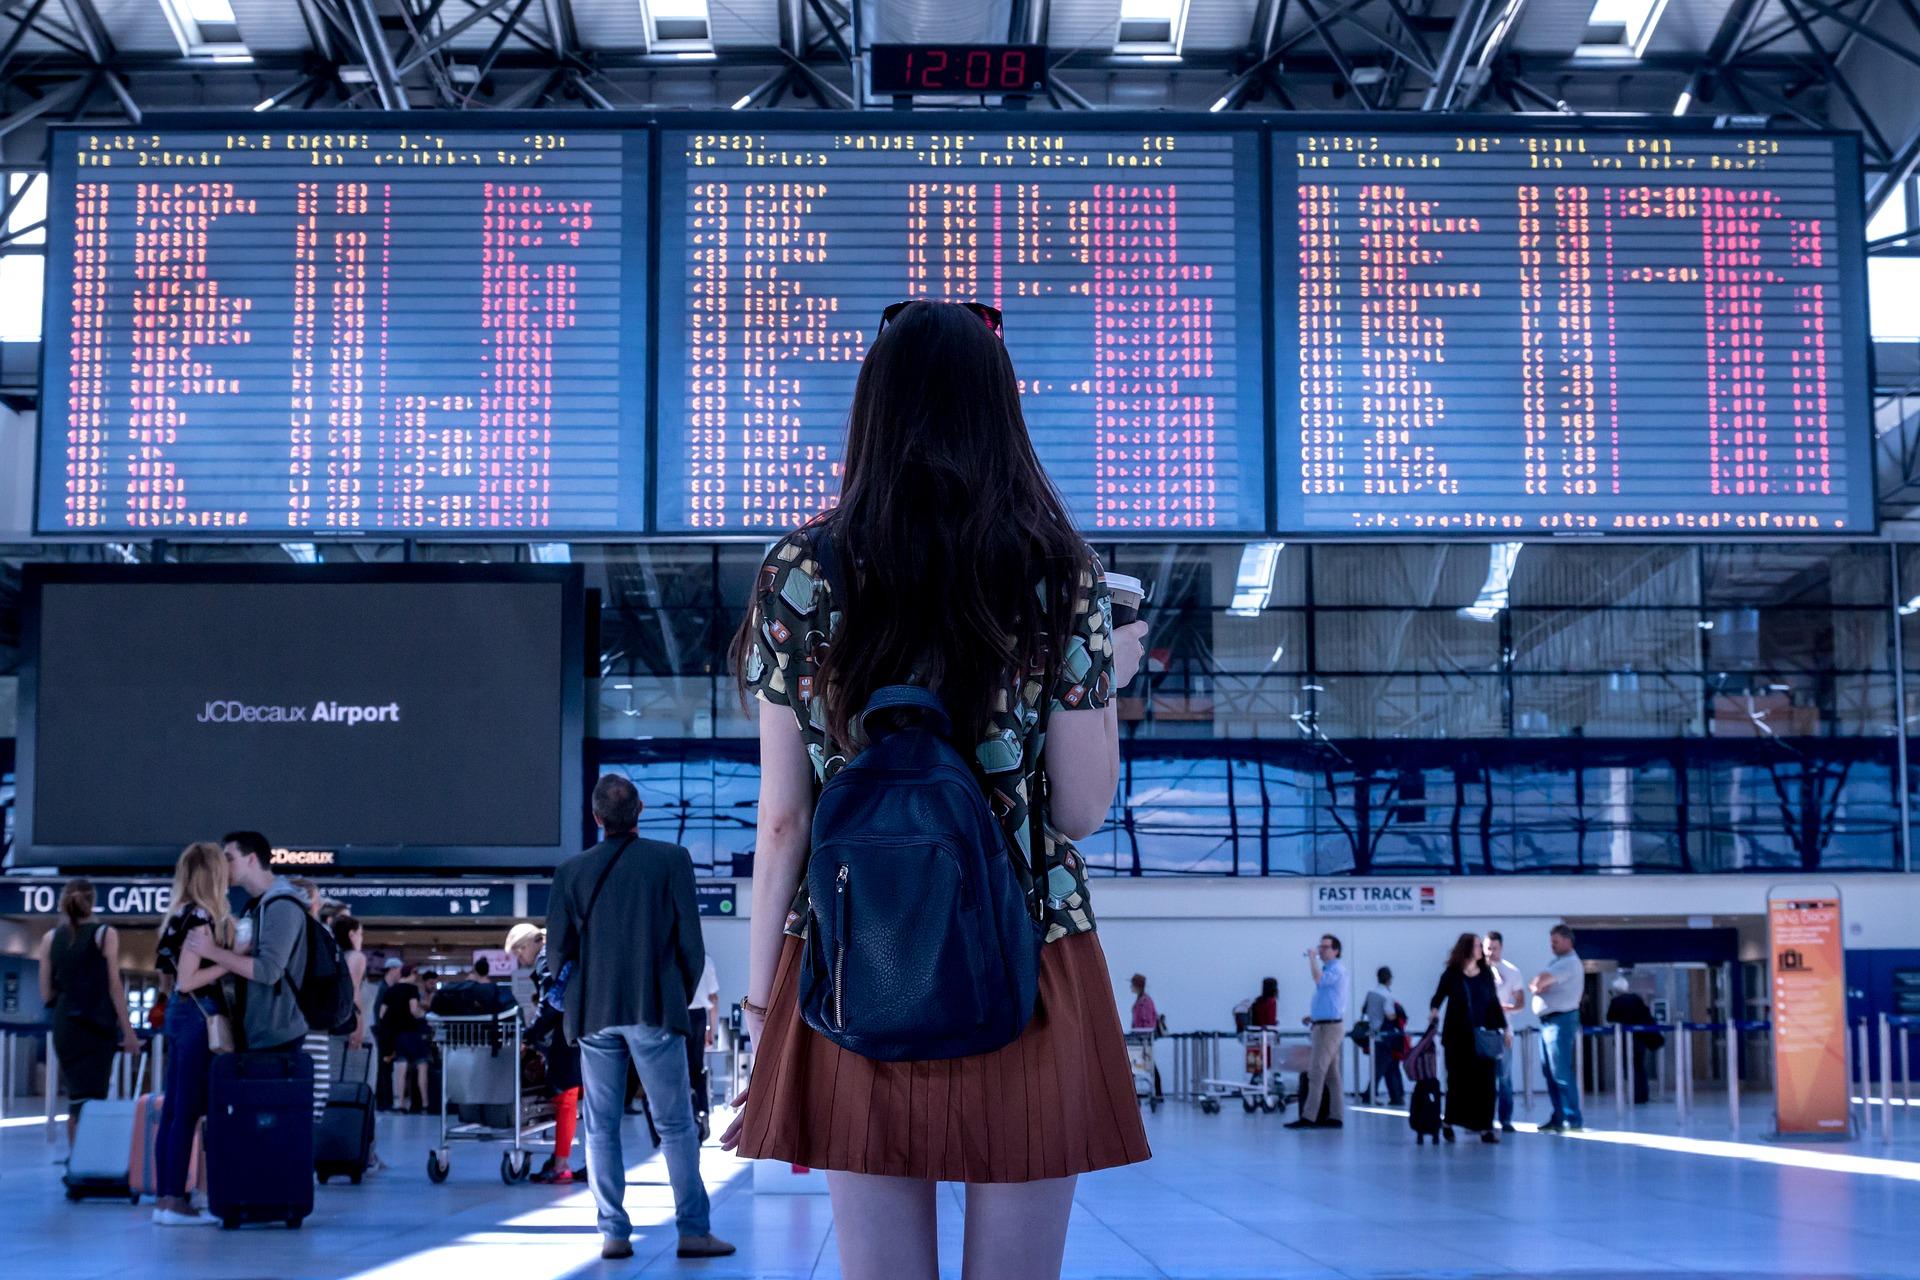 voyage sur mesure prêt à voyager